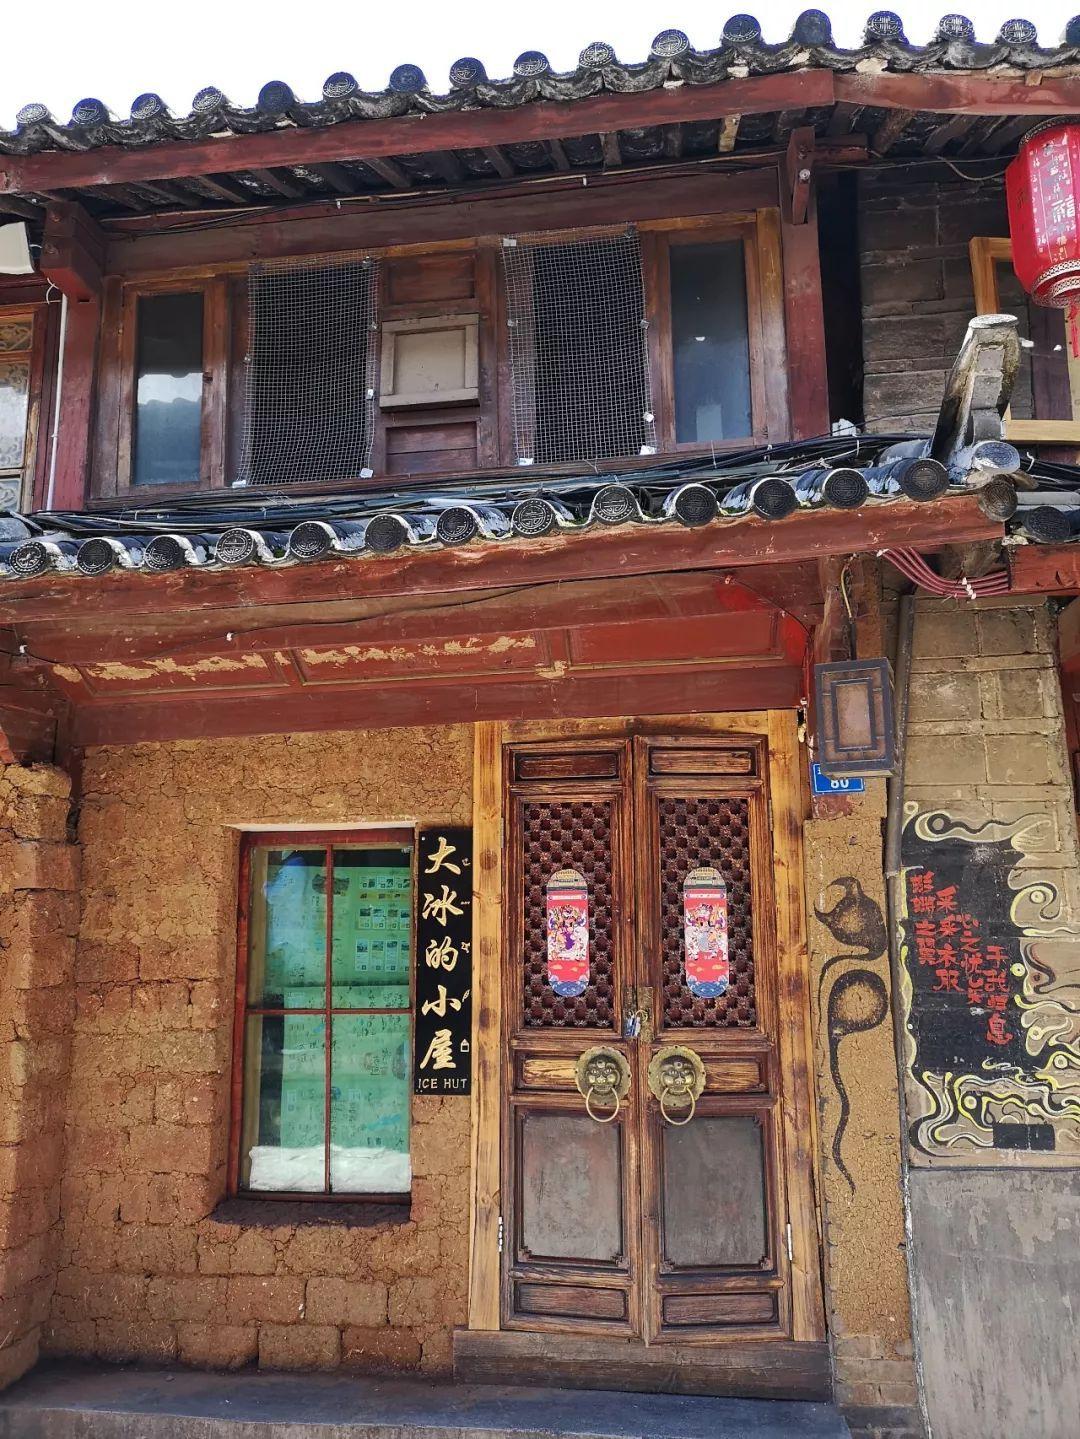 一次没有下一站的旅行 泰山 济南 长沙 凤凰古城 贵阳 丽江 洱海 大理古城